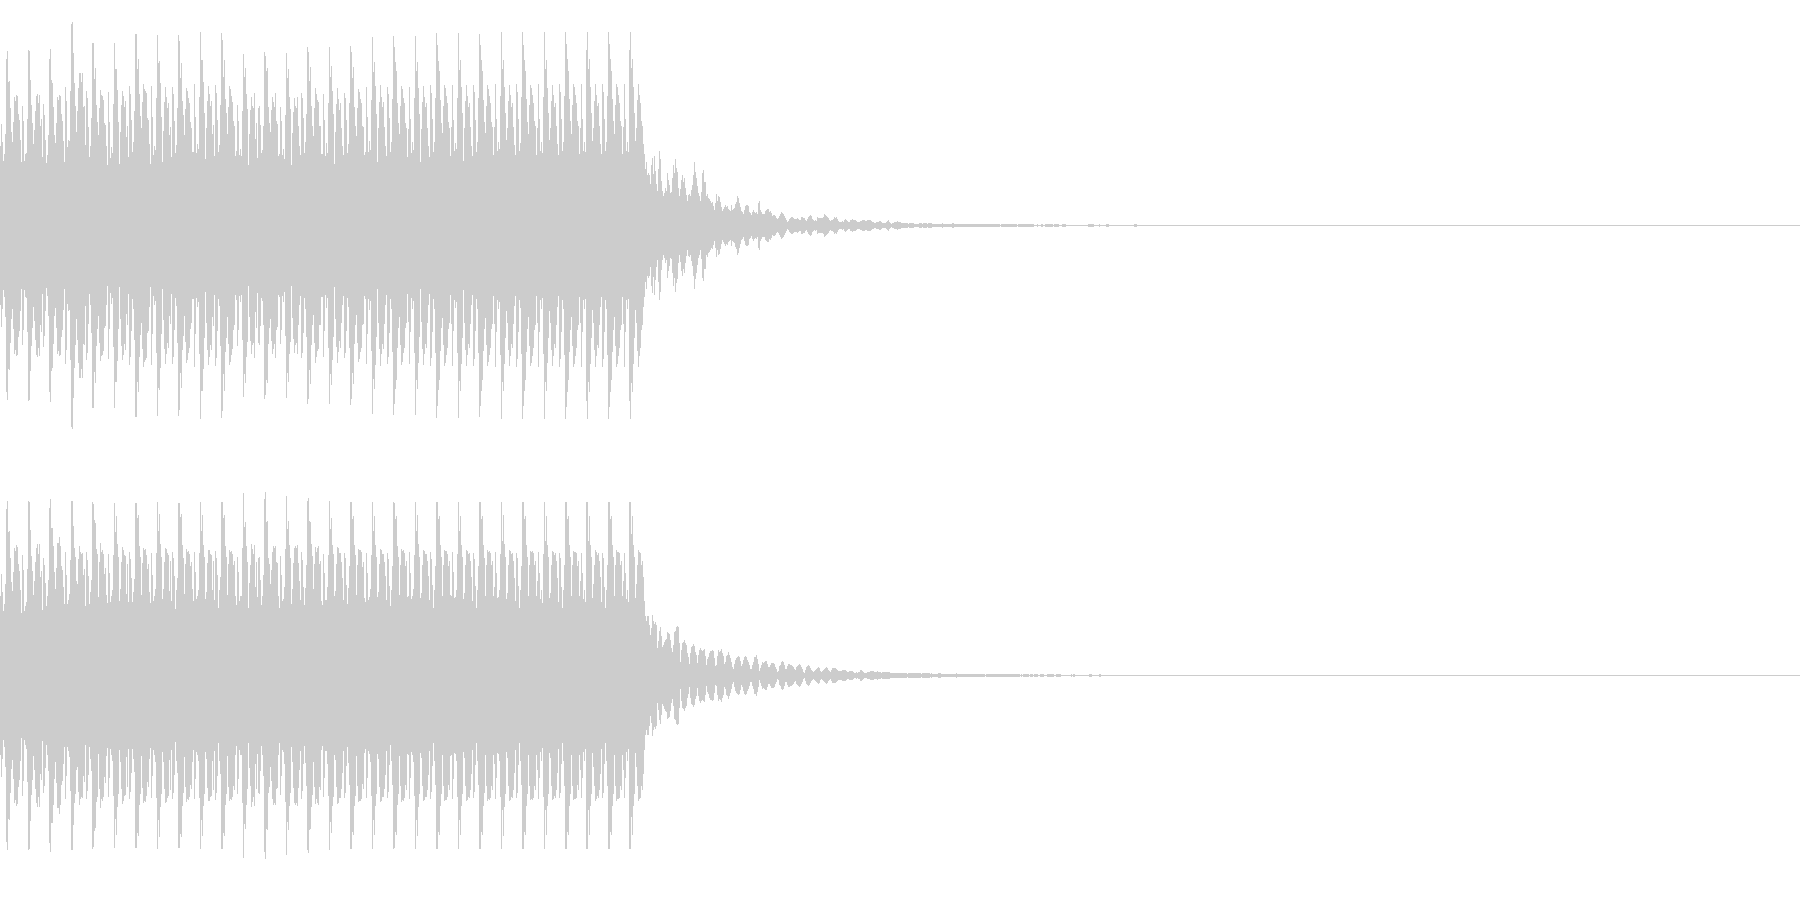 コイン30枚獲得 集計 スコア チャリンの未再生の波形